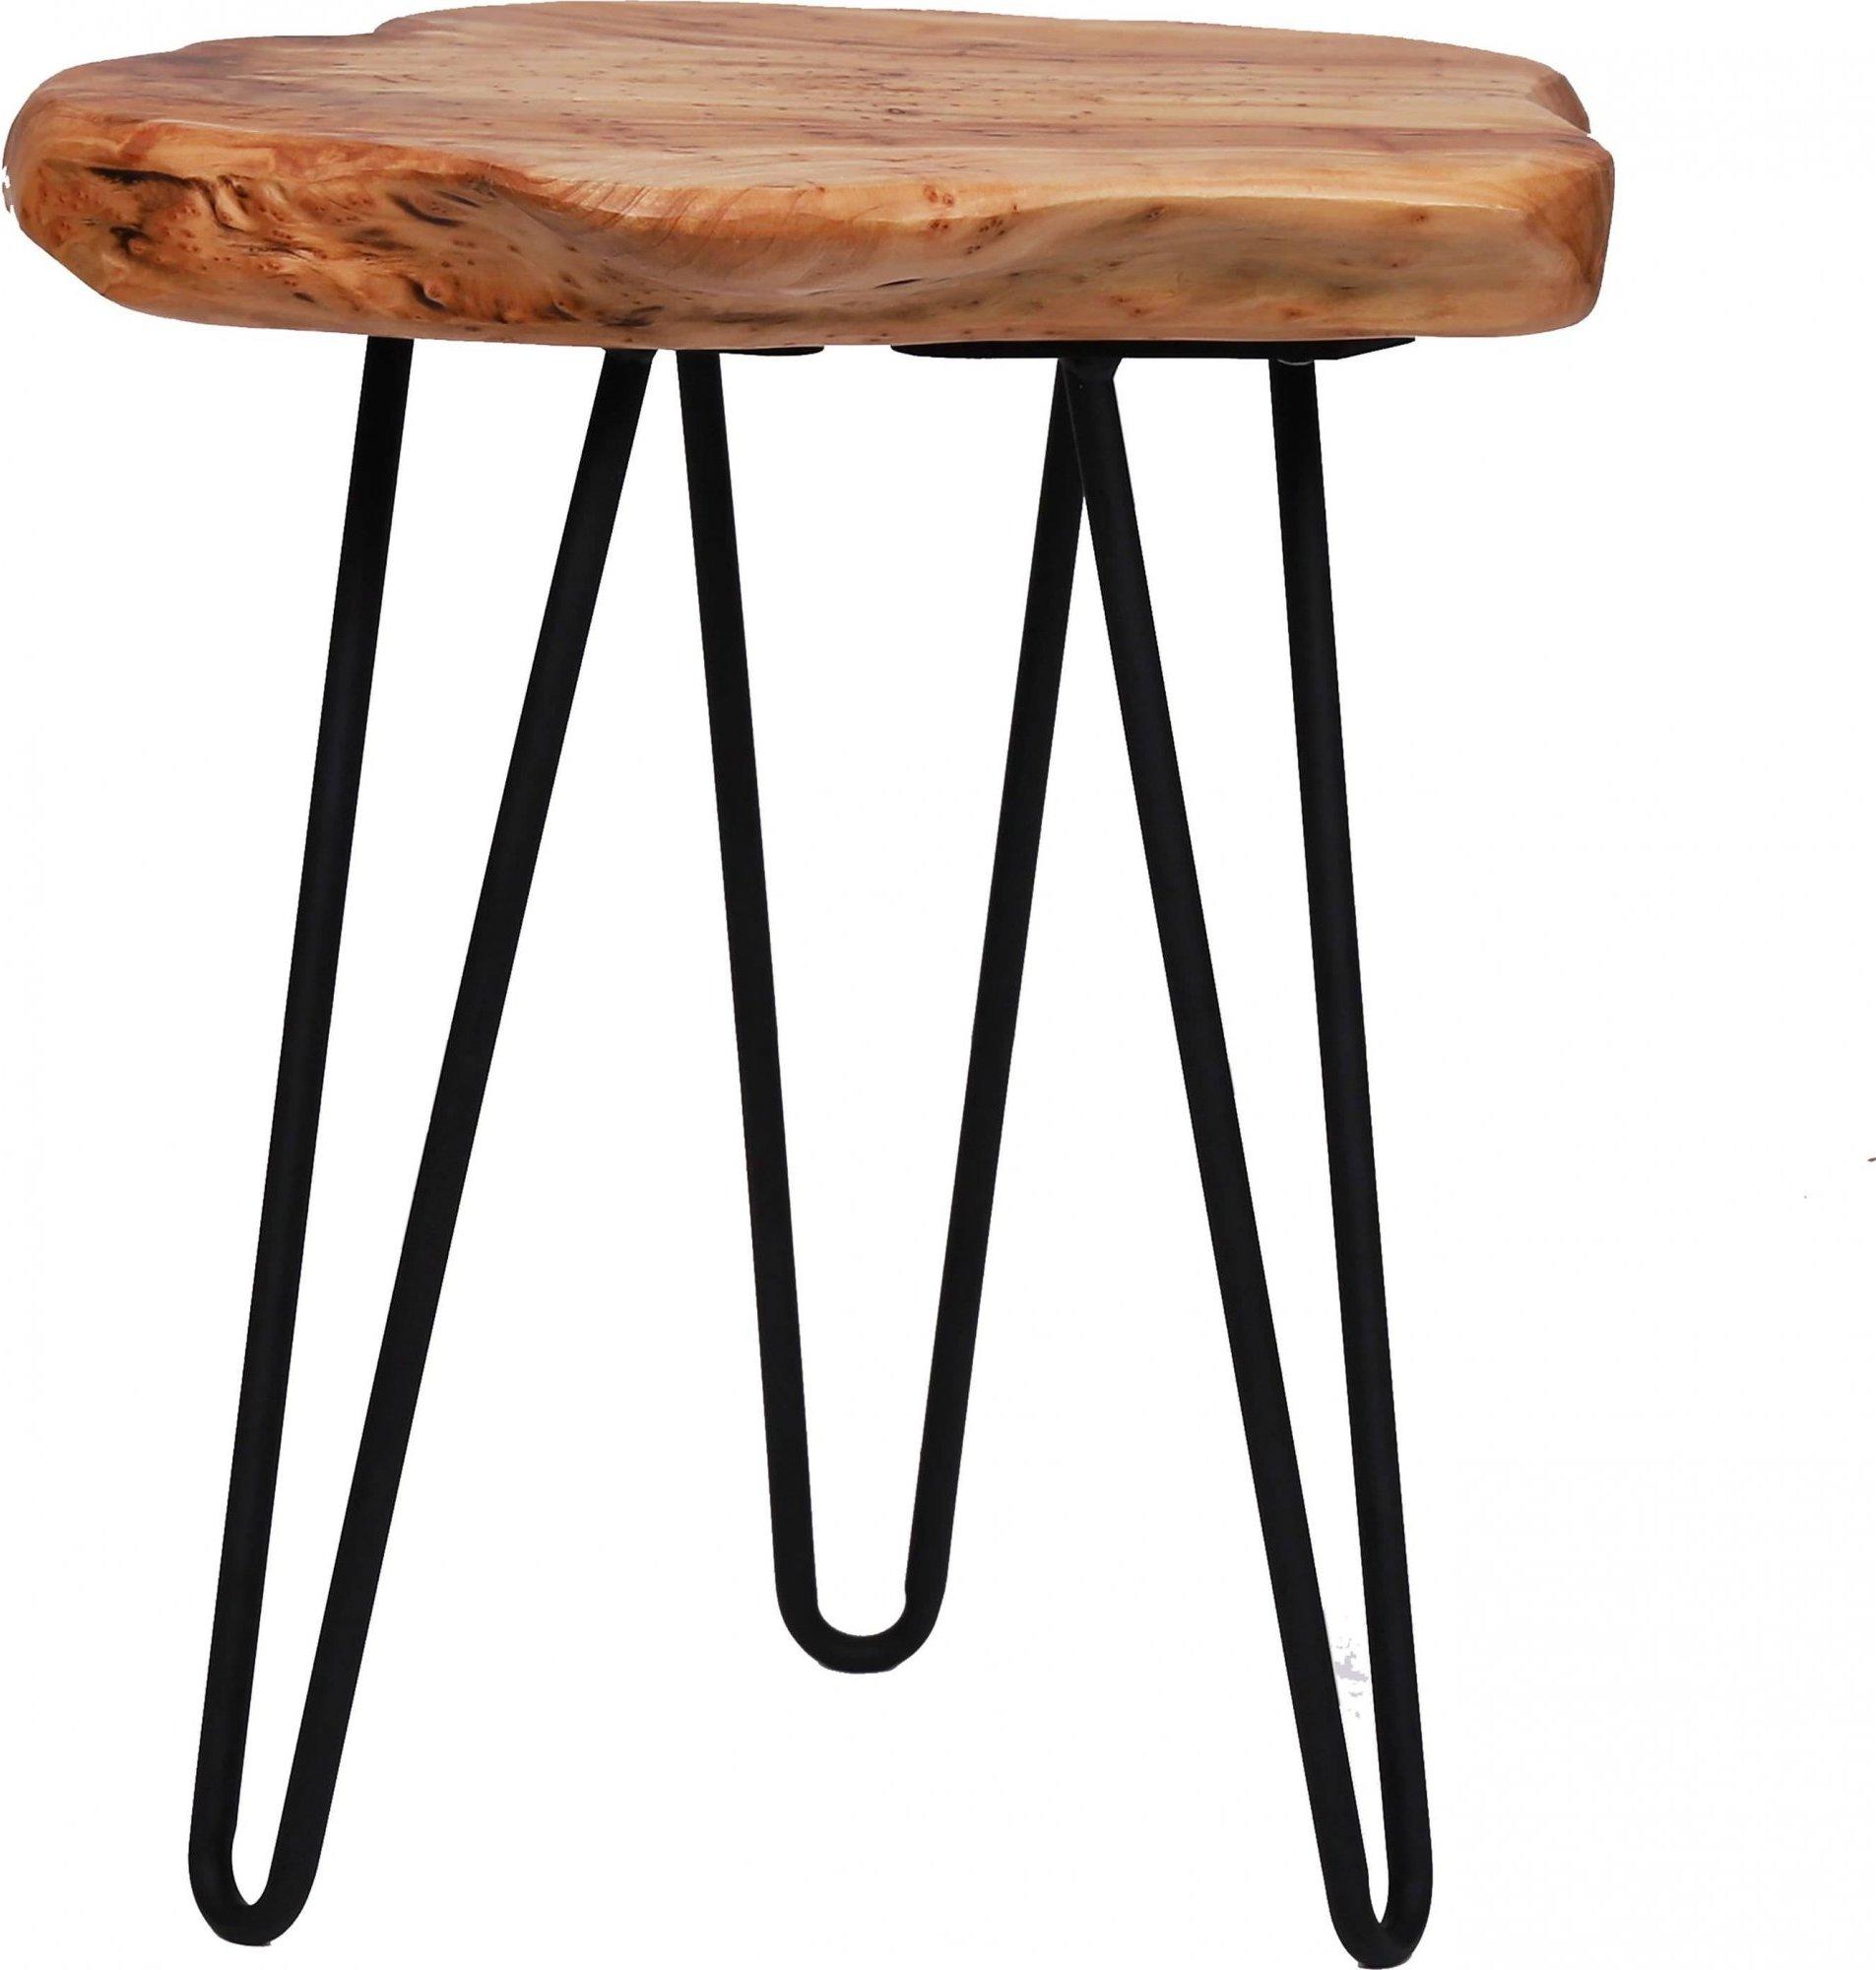 Table d'appoint cèdre pied métal noir